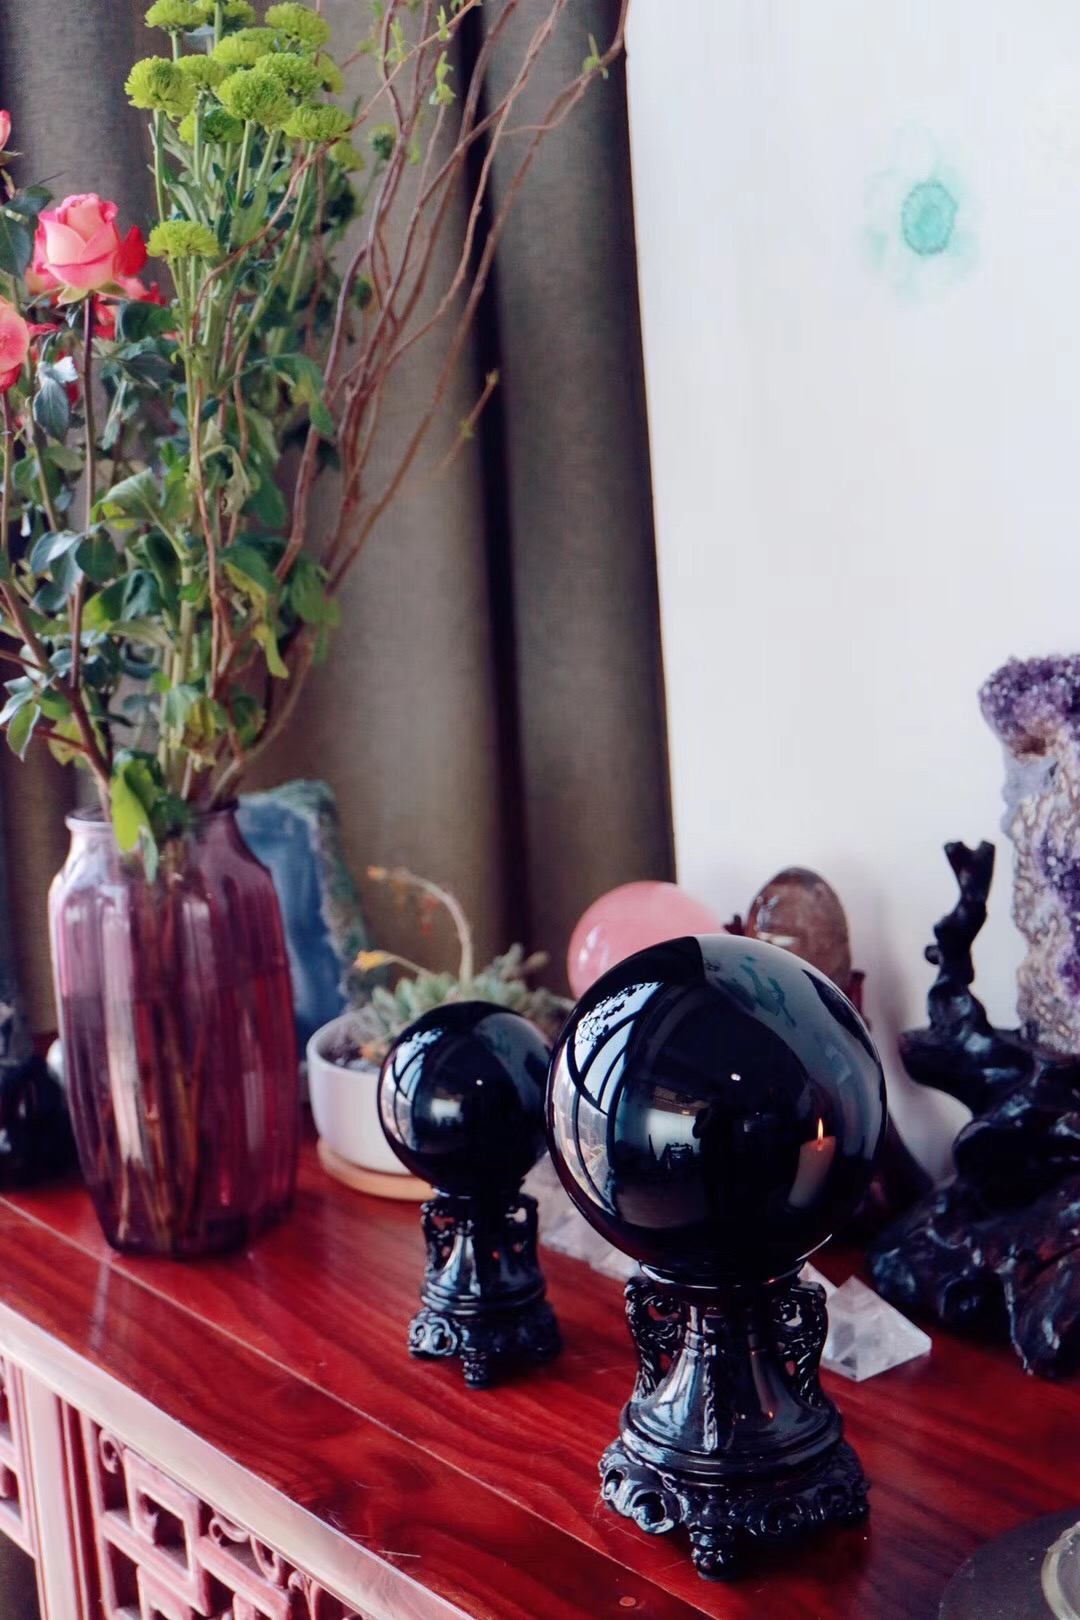 【菩心 | 黑曜石球】水逆和本命年期间非常好用-菩心晶舍